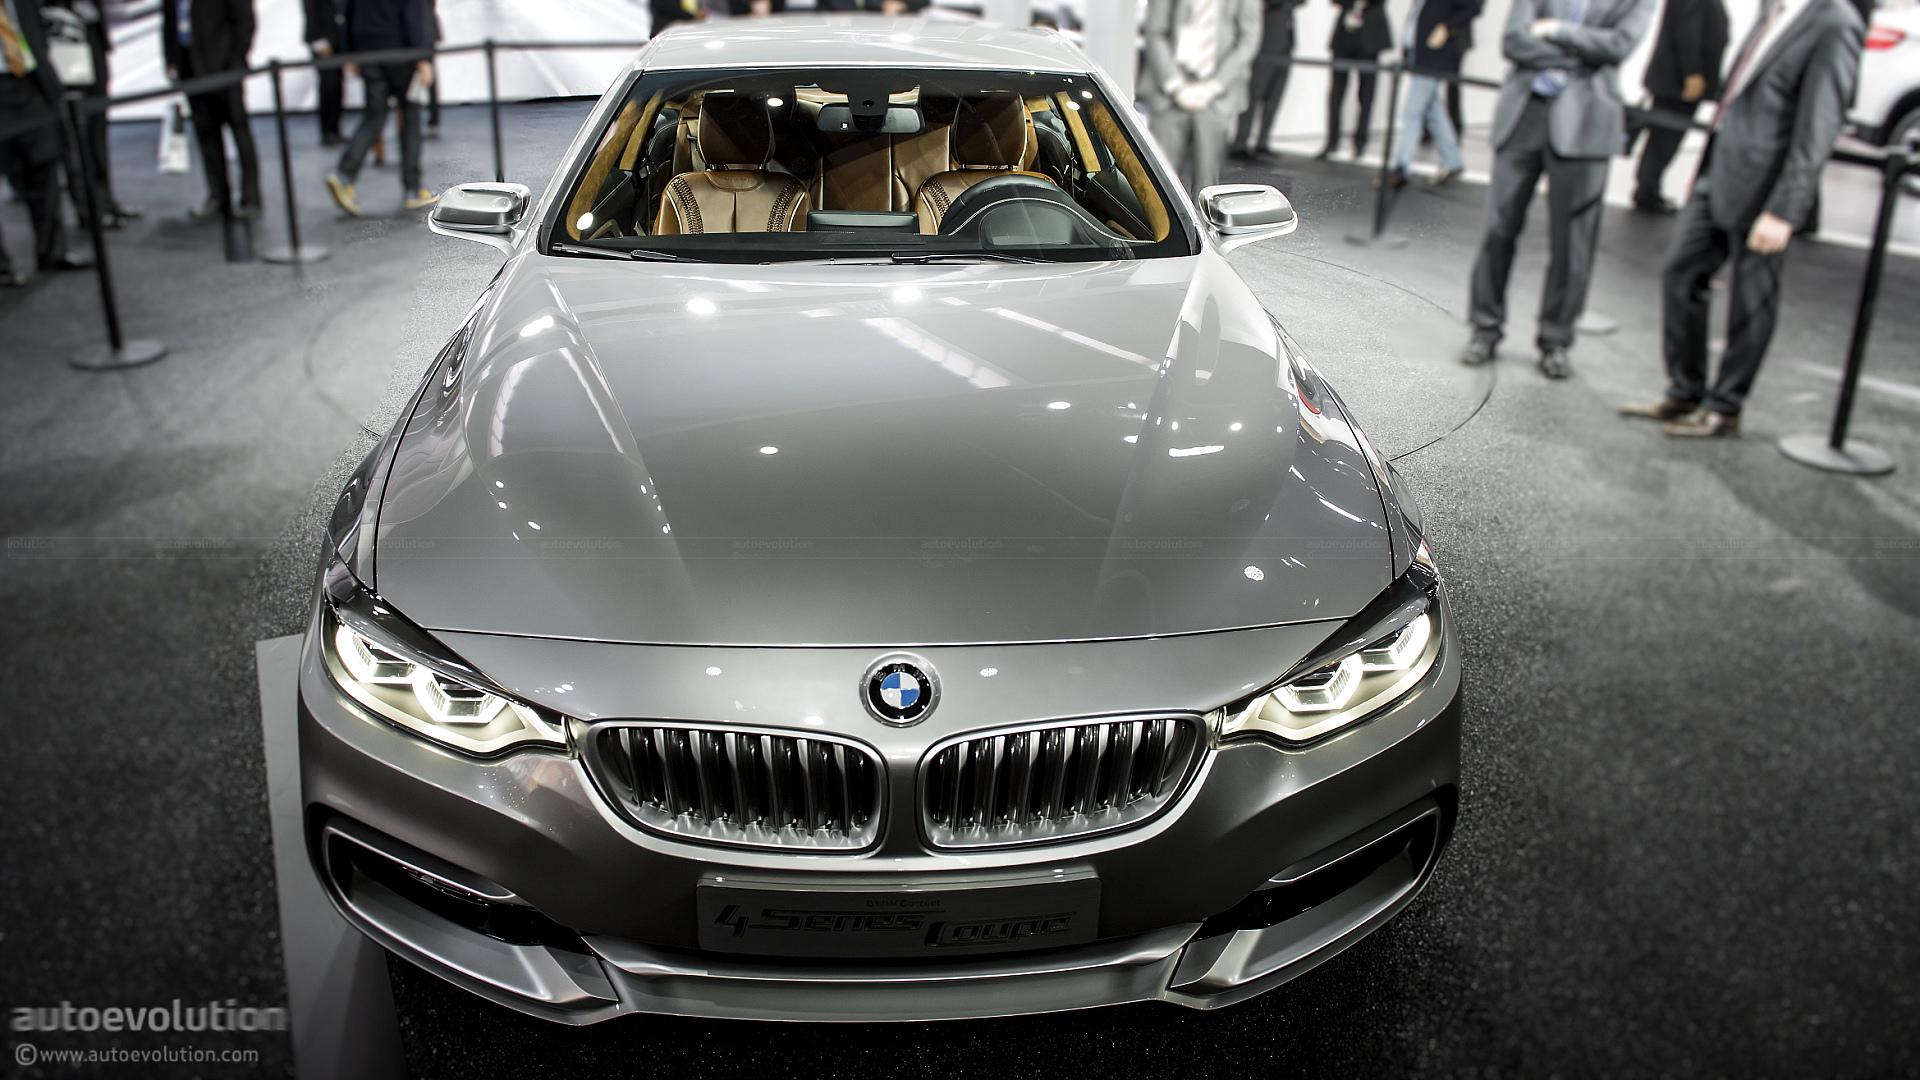 BMW Concept 4-Series Coupe Design Explained - autoevolution